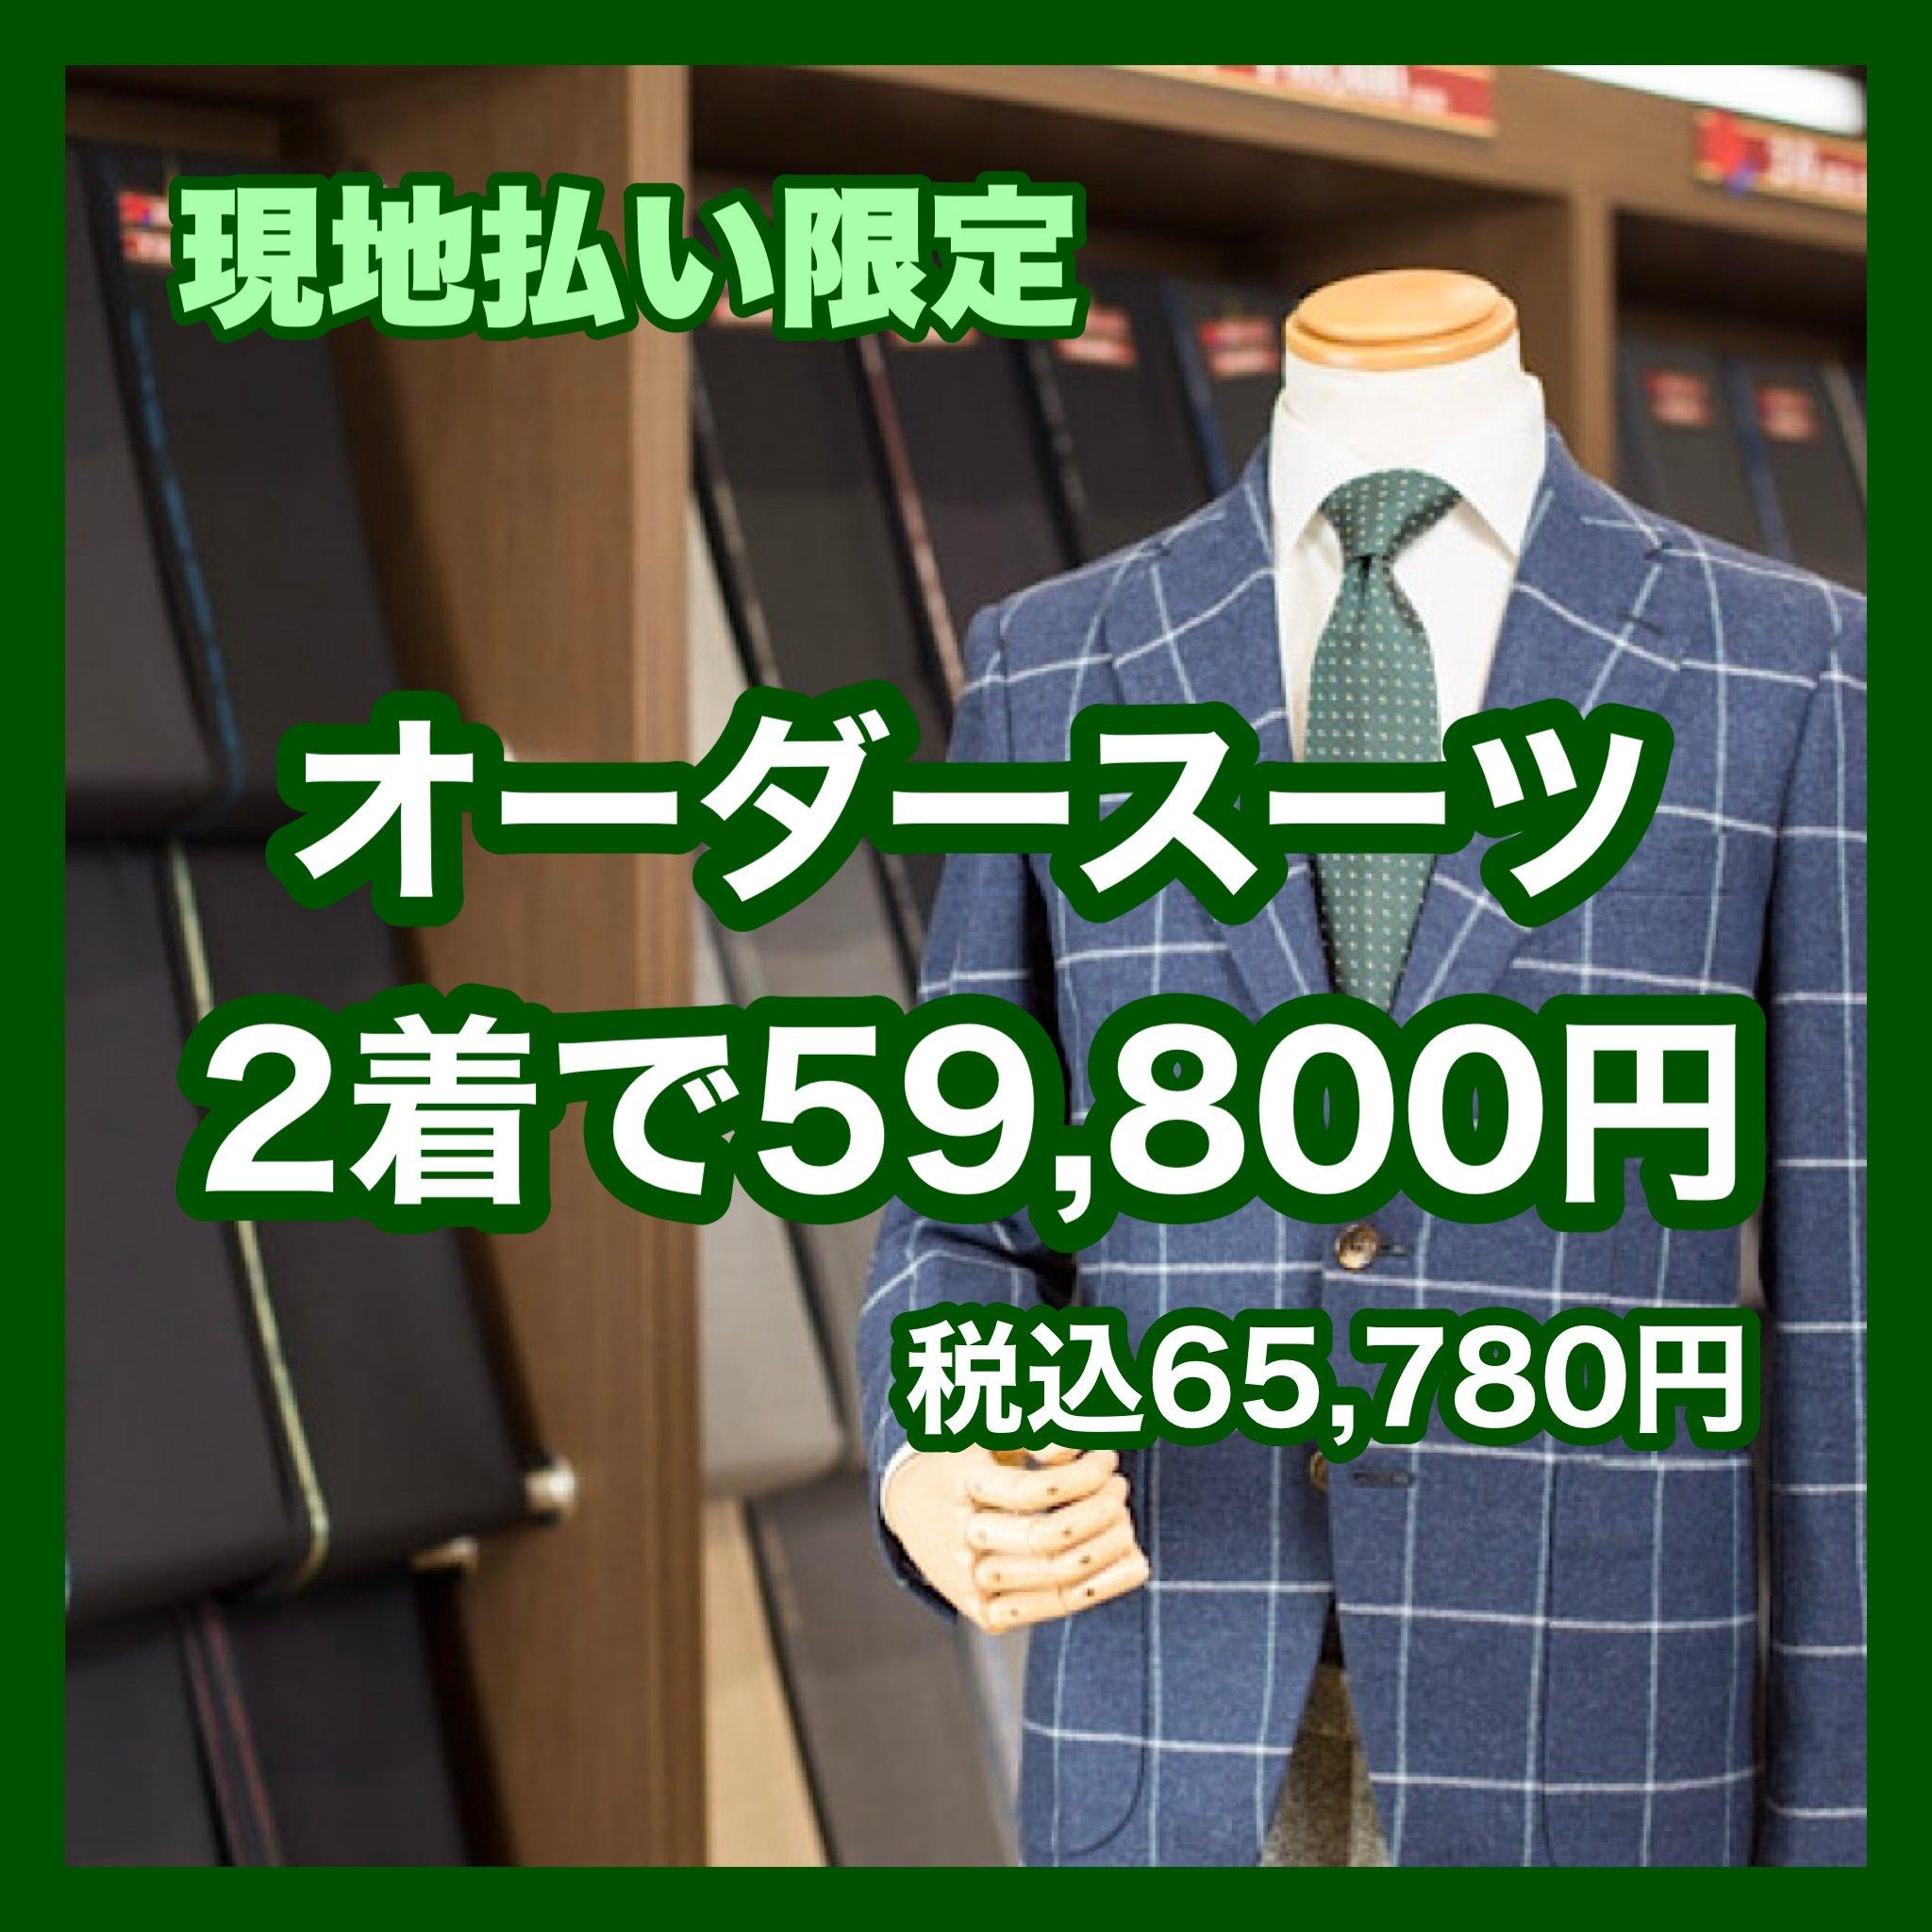 現地払い専用オーダースーツ2着59,800円(税込65,780円)のイメージその1